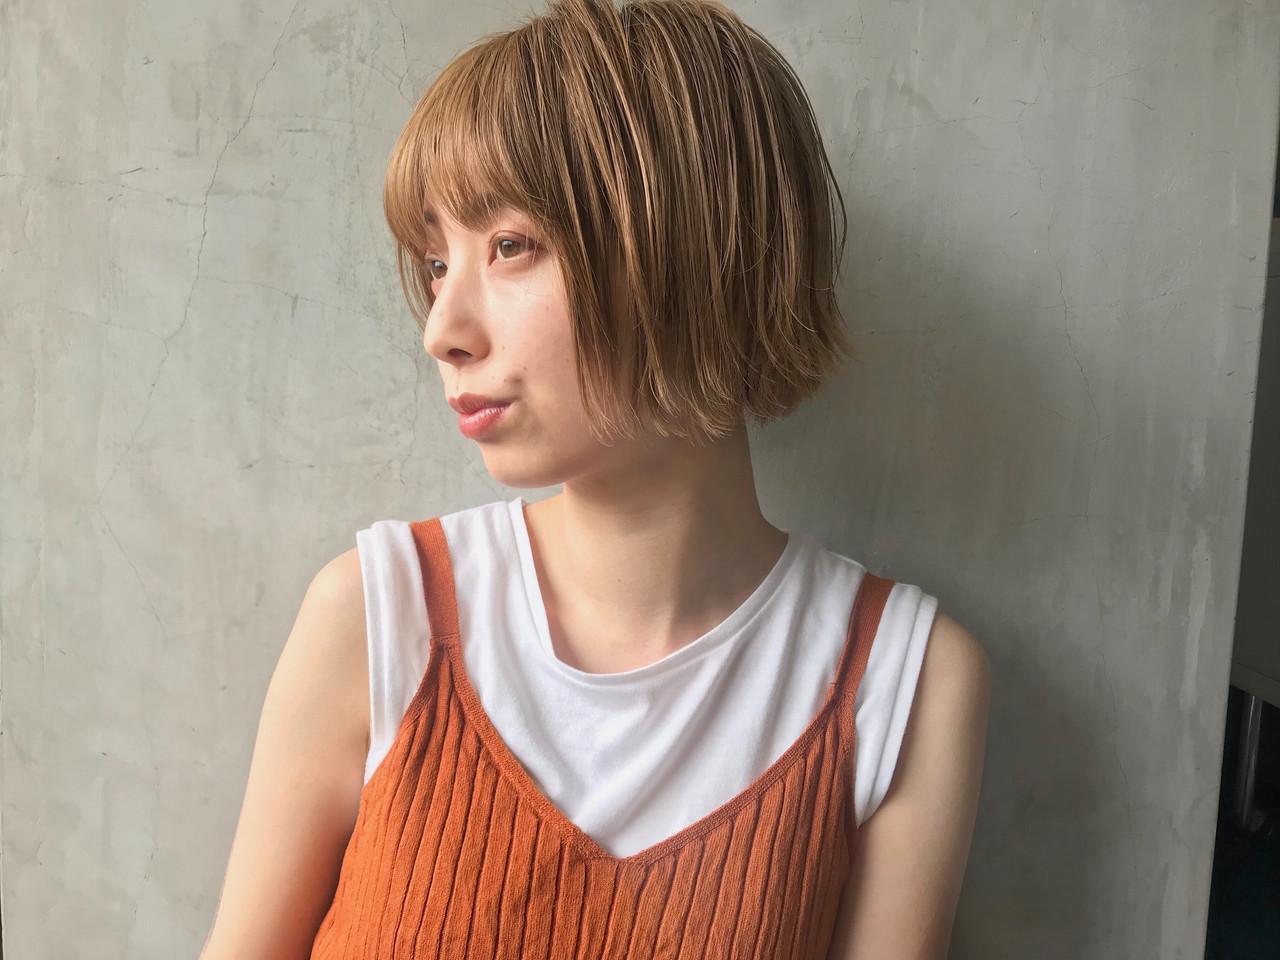 蛯谷珠里/sakura